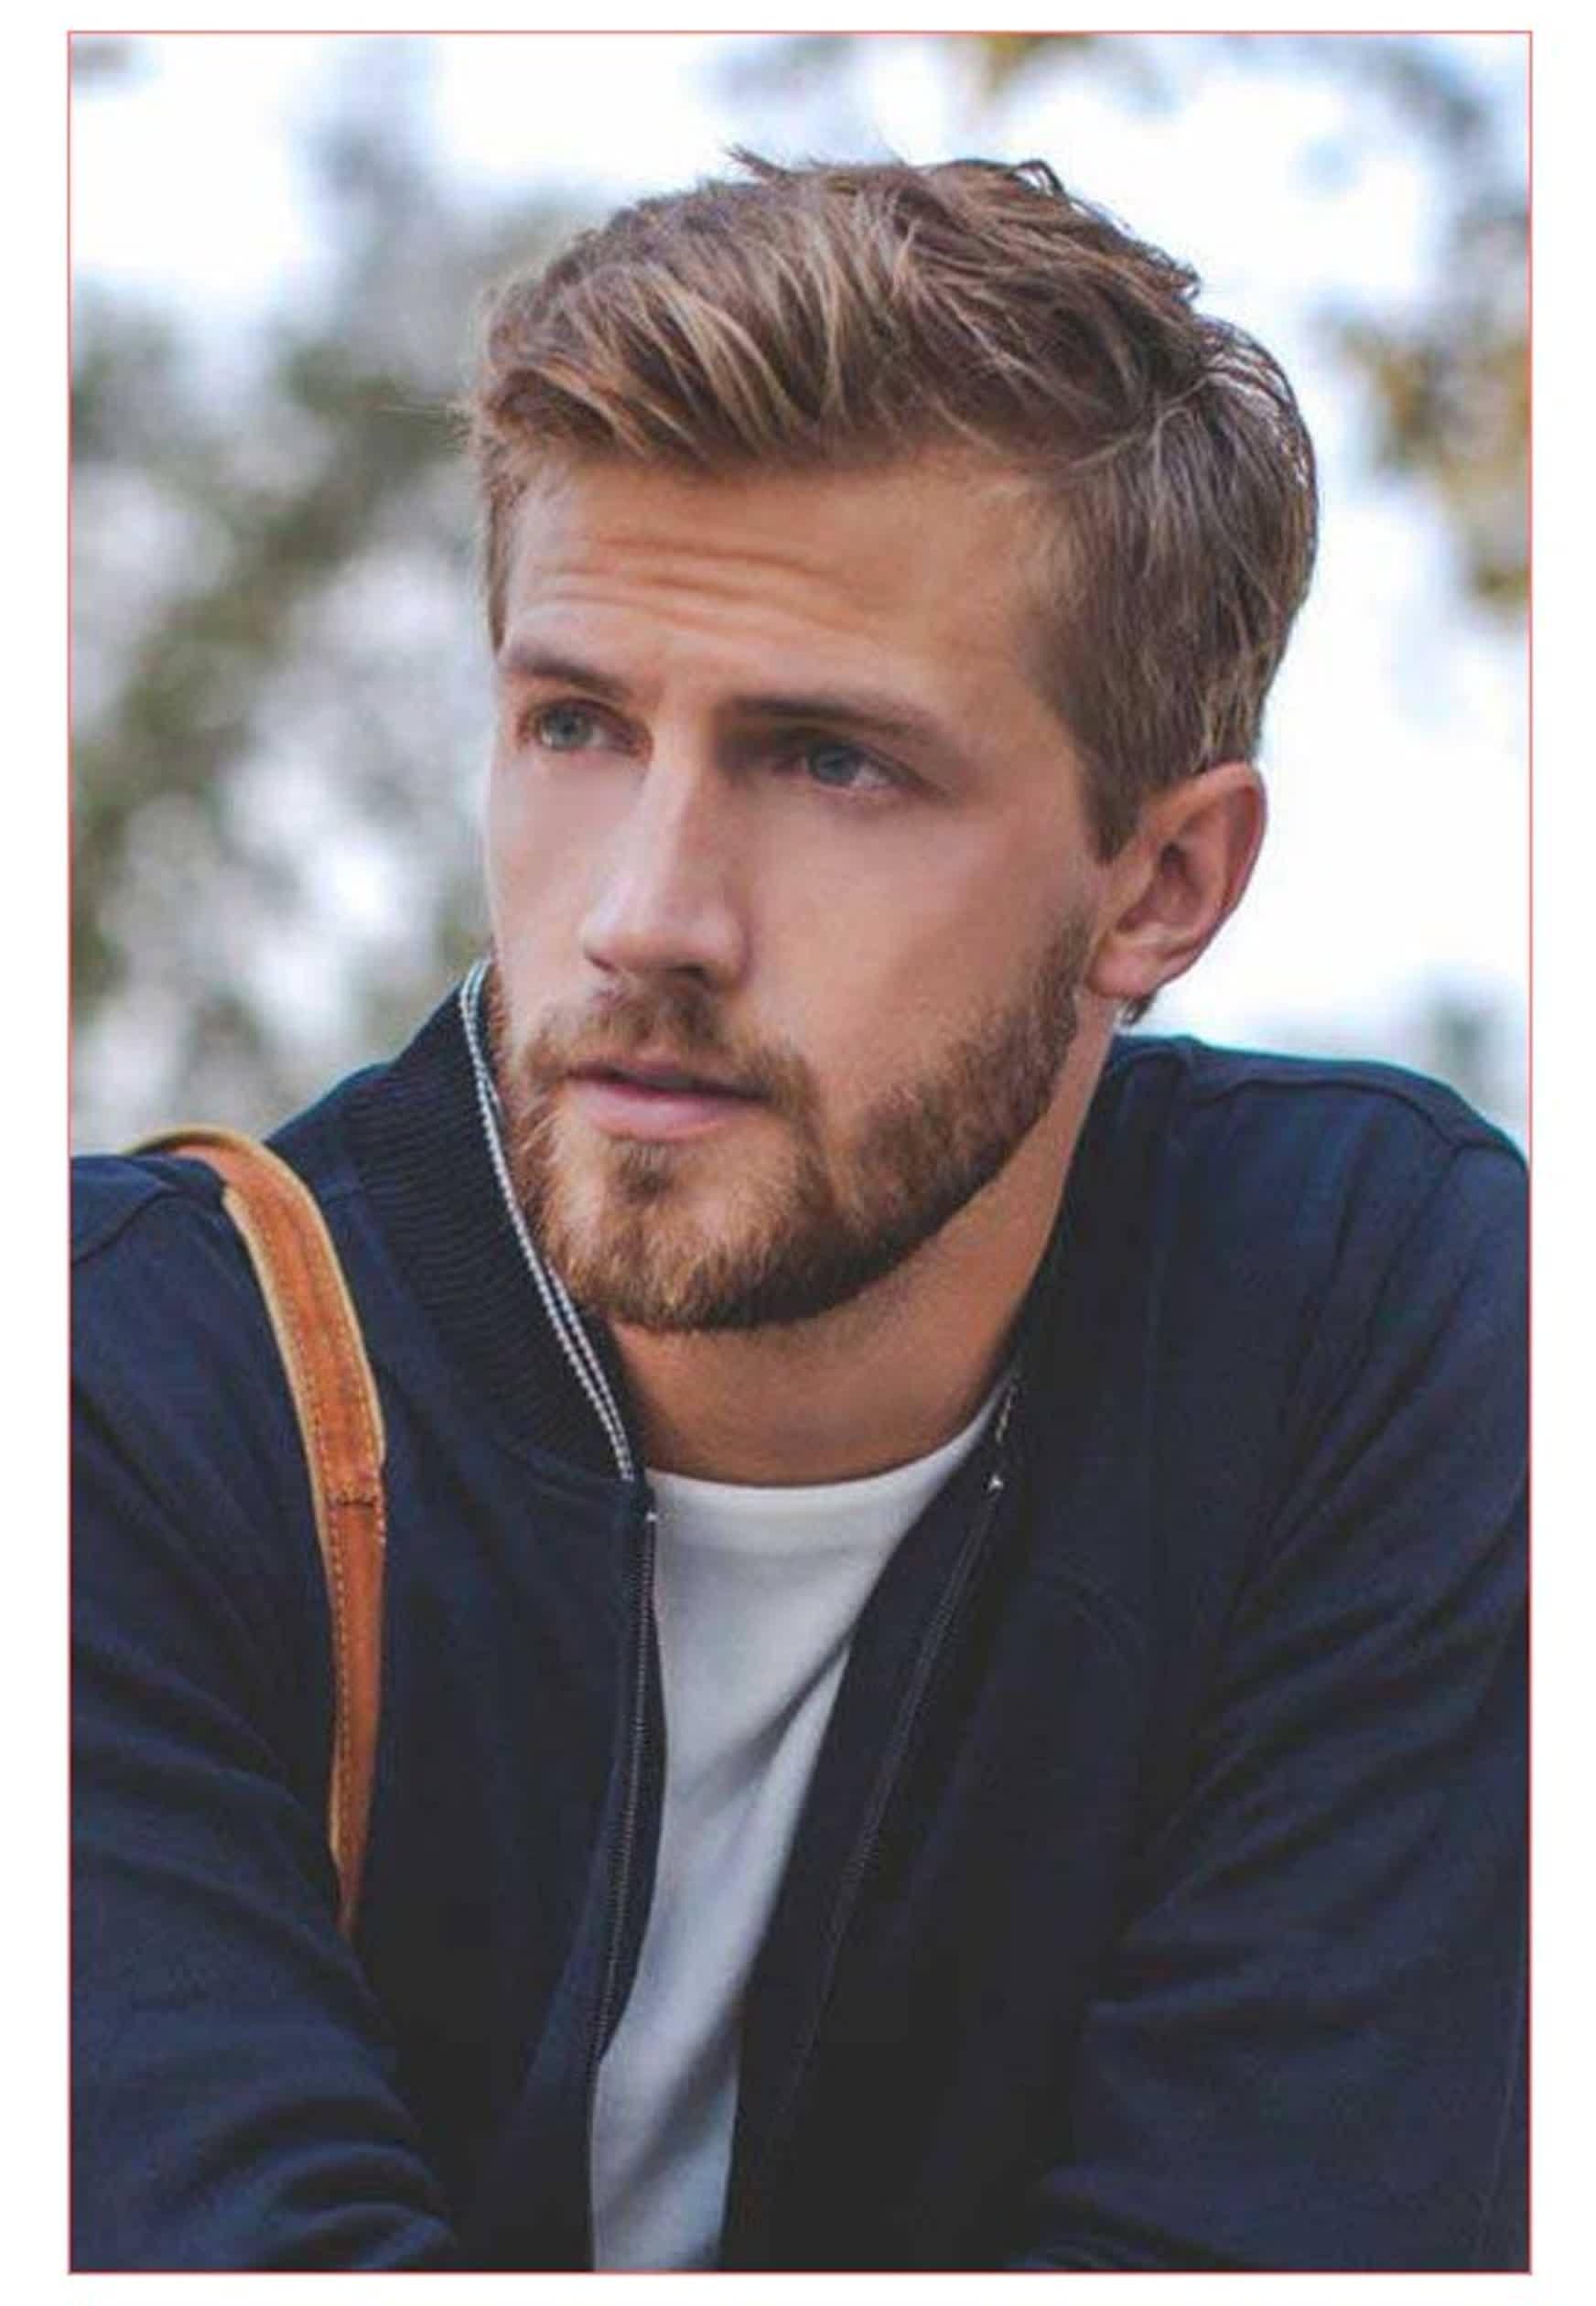 Einzigartige Frisuren für Männer kurz  haarfrisuren  topfrisuren   frisurenlange  kurzelockige  hairstyles   2d52912ee1